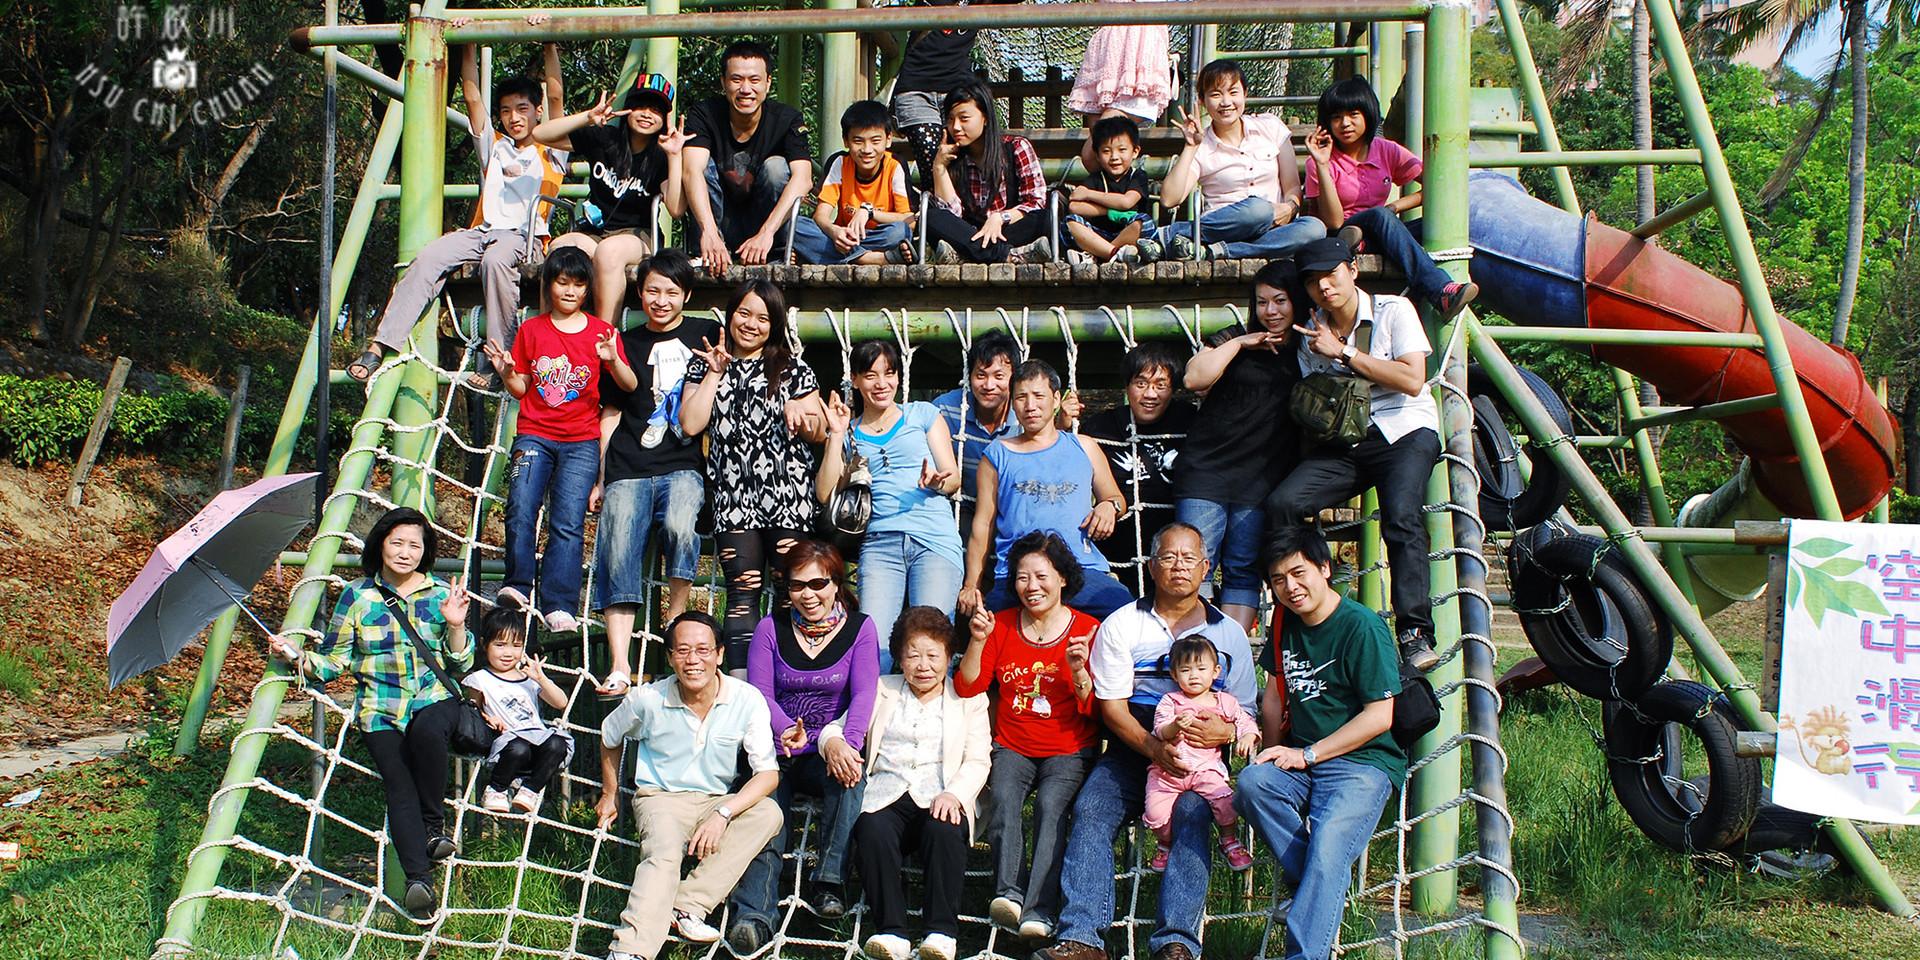 家人團體照